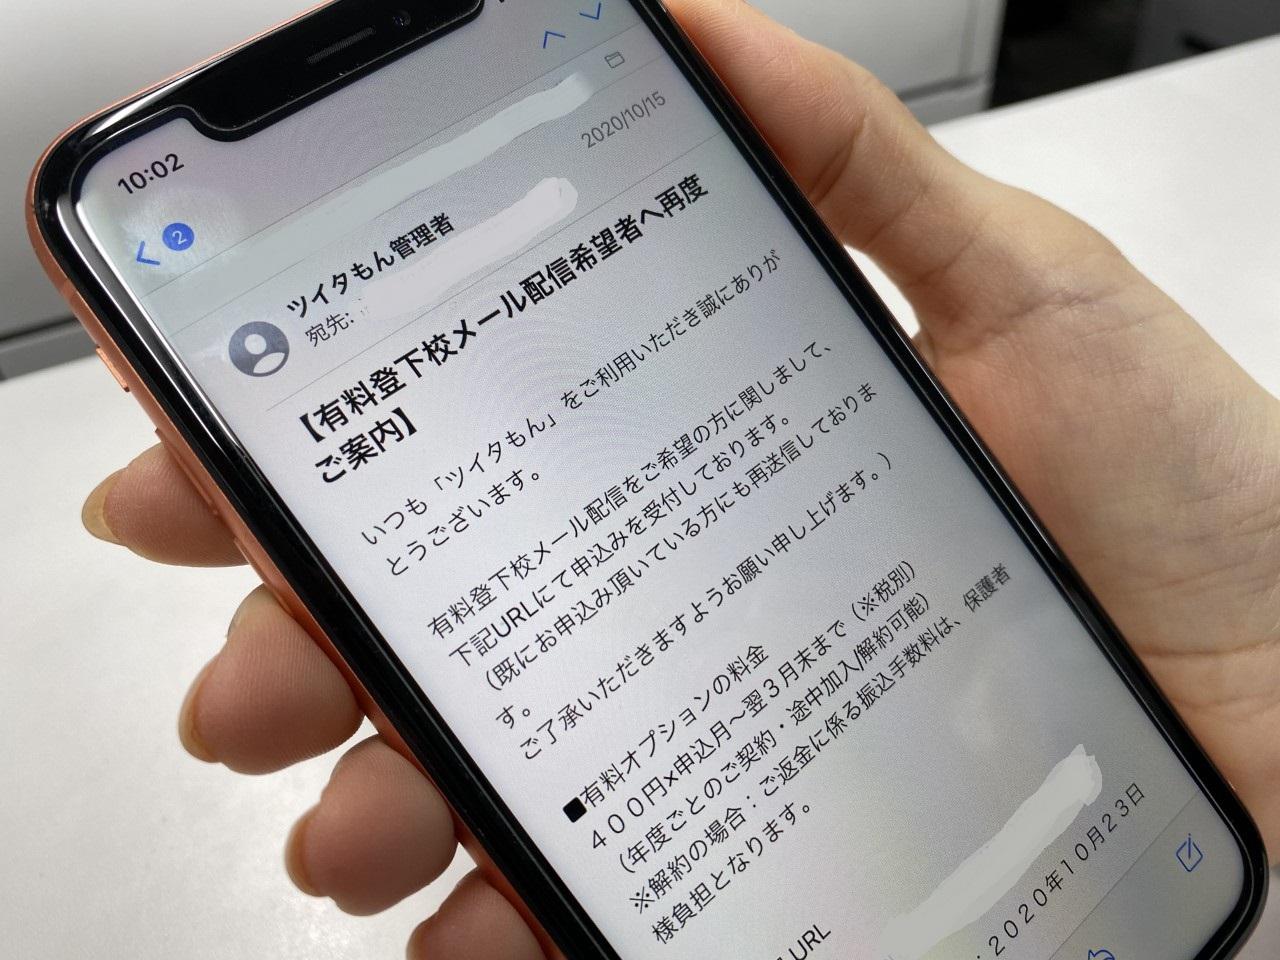 奈良 建設 株式 会社 倒産